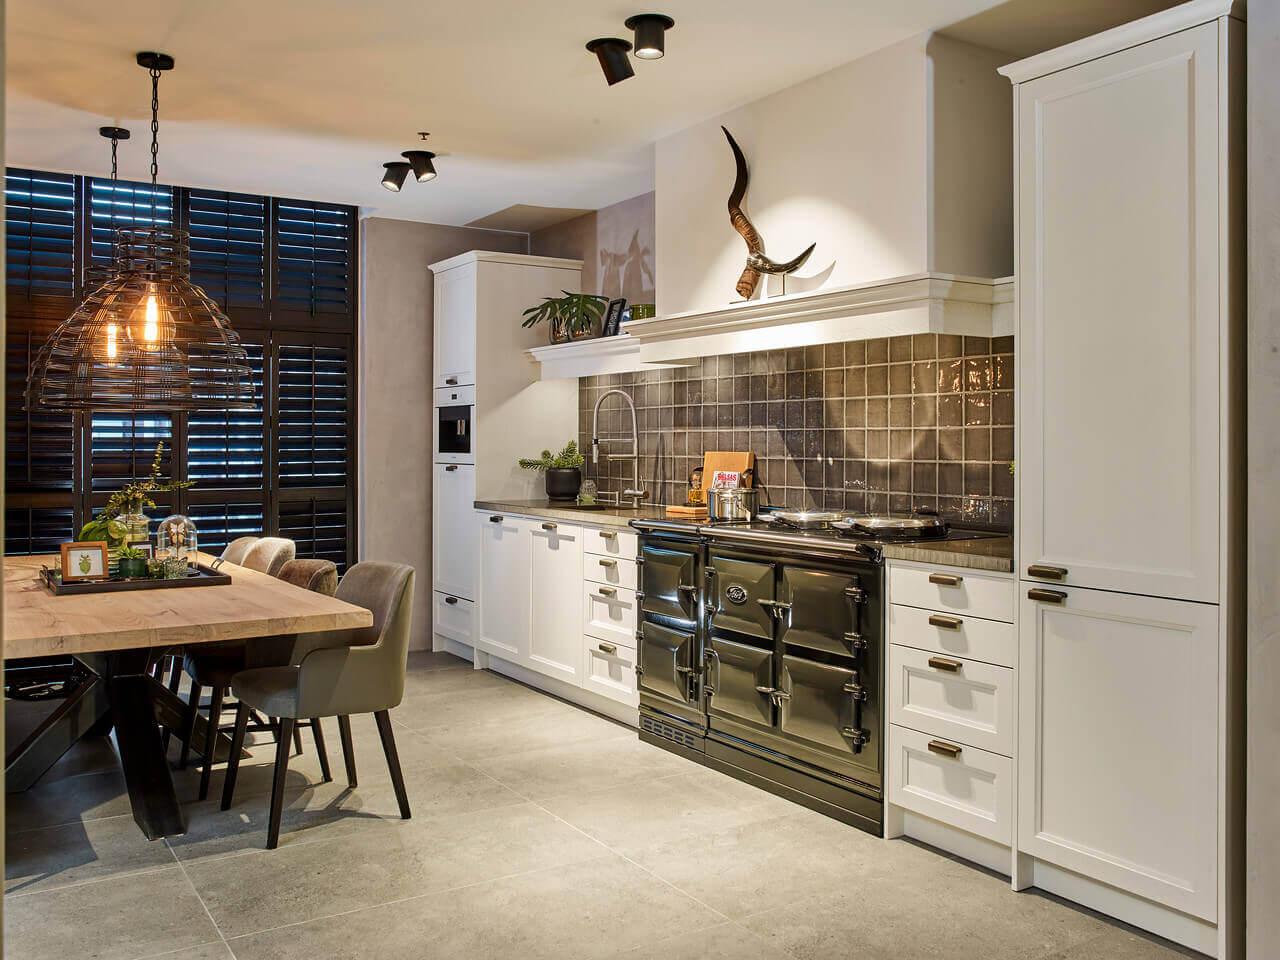 Mooie keukens van Tieleman Keukens